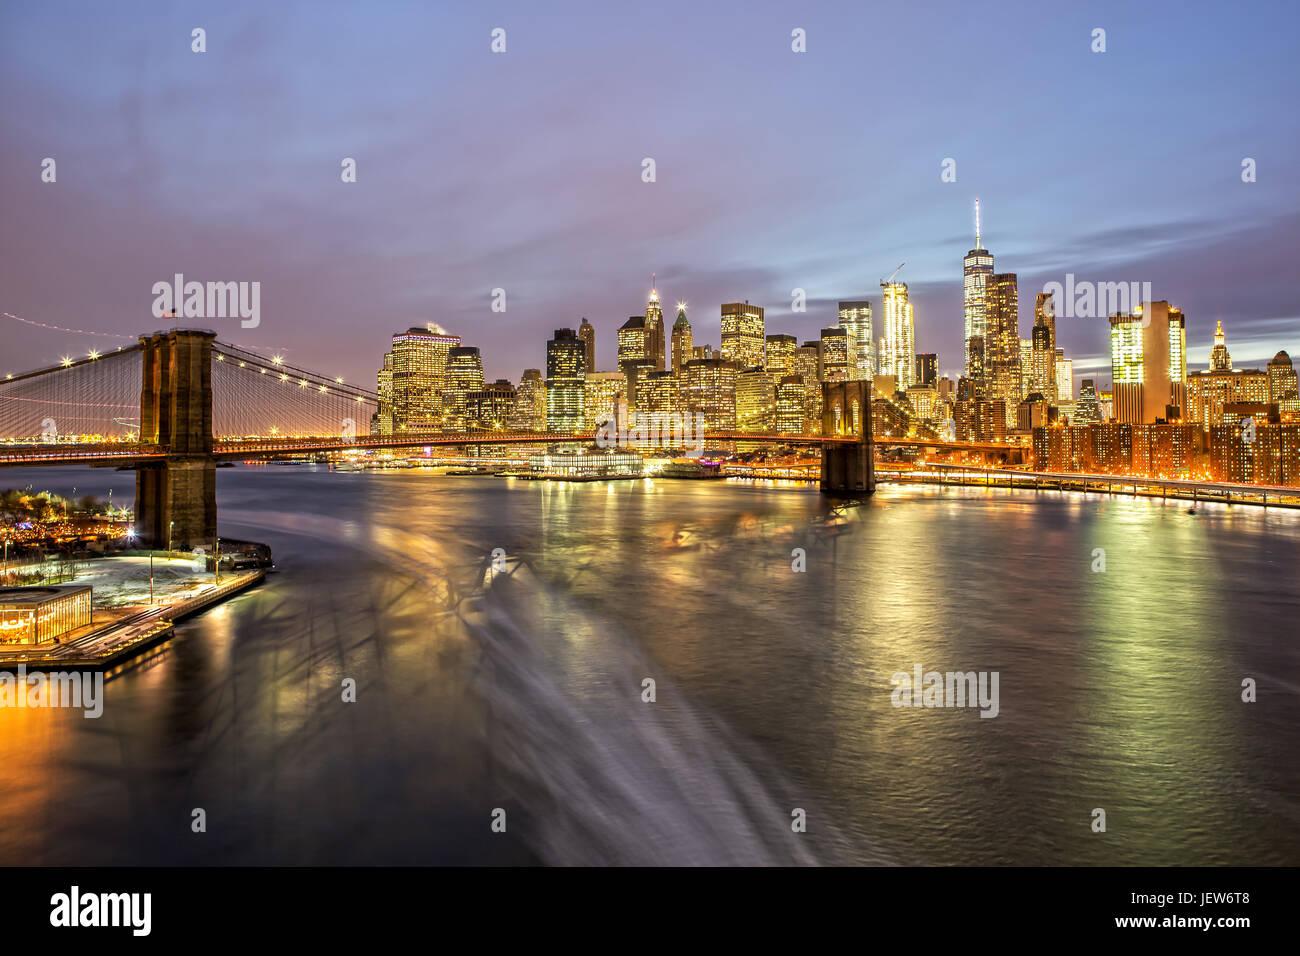 Puente de Brooklyn y Manhattan en la noche Imagen De Stock